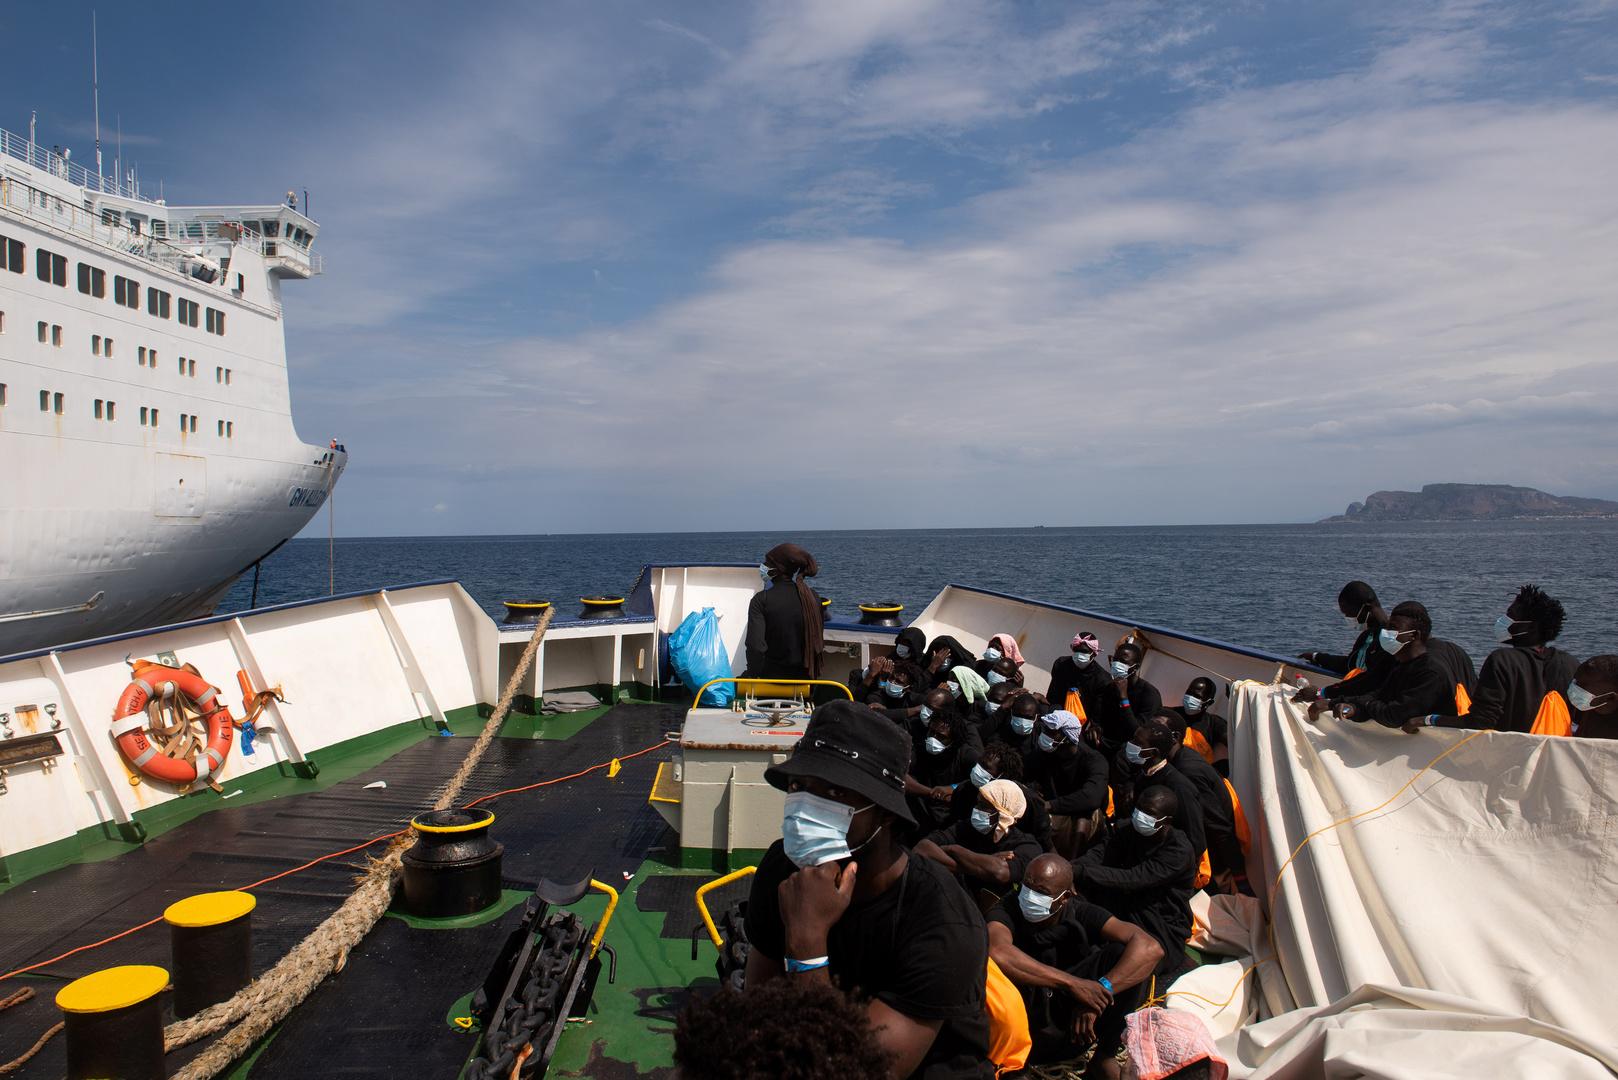 الأمم المتحدة تقول إن ليبيا اعتقلت أكثر من 270 مهاجرا تم إنقاذهم من البحر